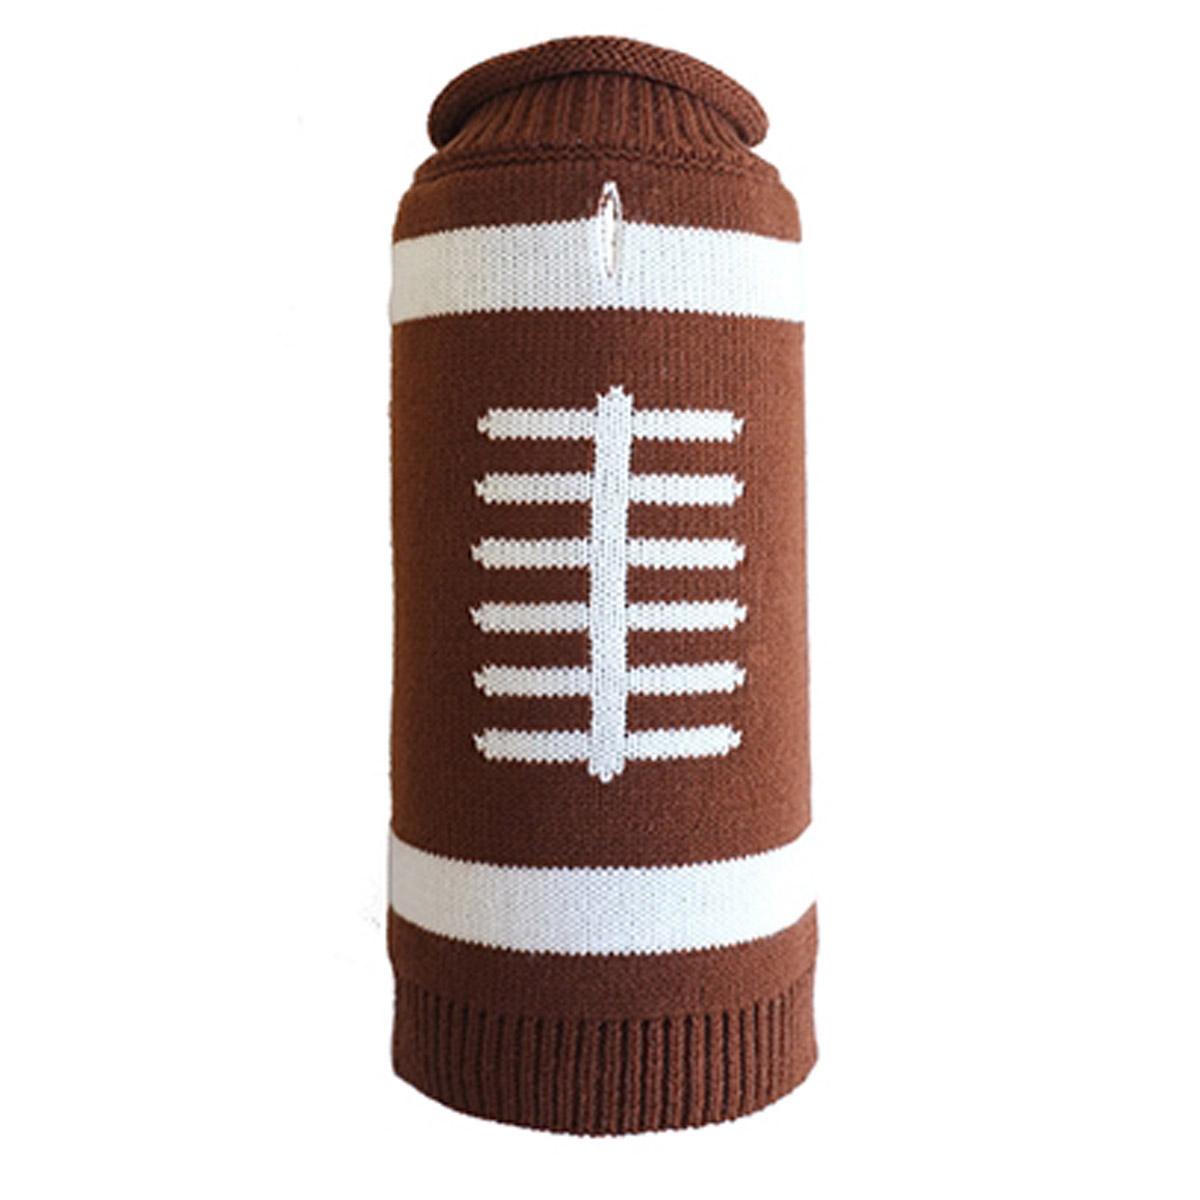 Worthy Dog Touchdown Dog Sweater - Brown